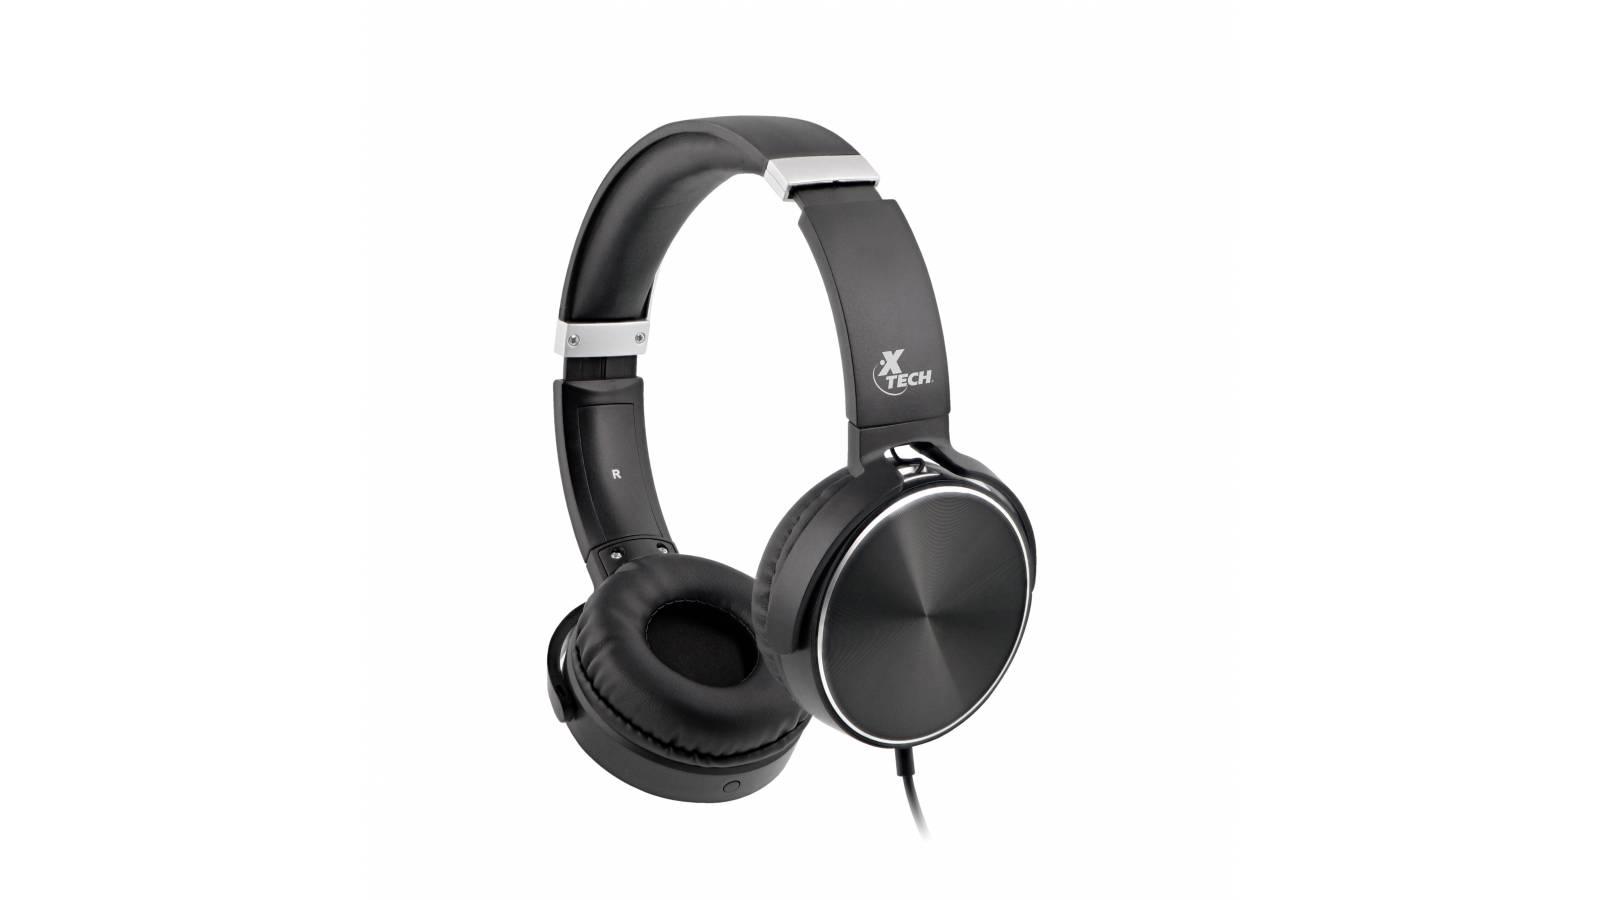 SPIRAL Audífonos estéreo con cable y micrófono Xth 345